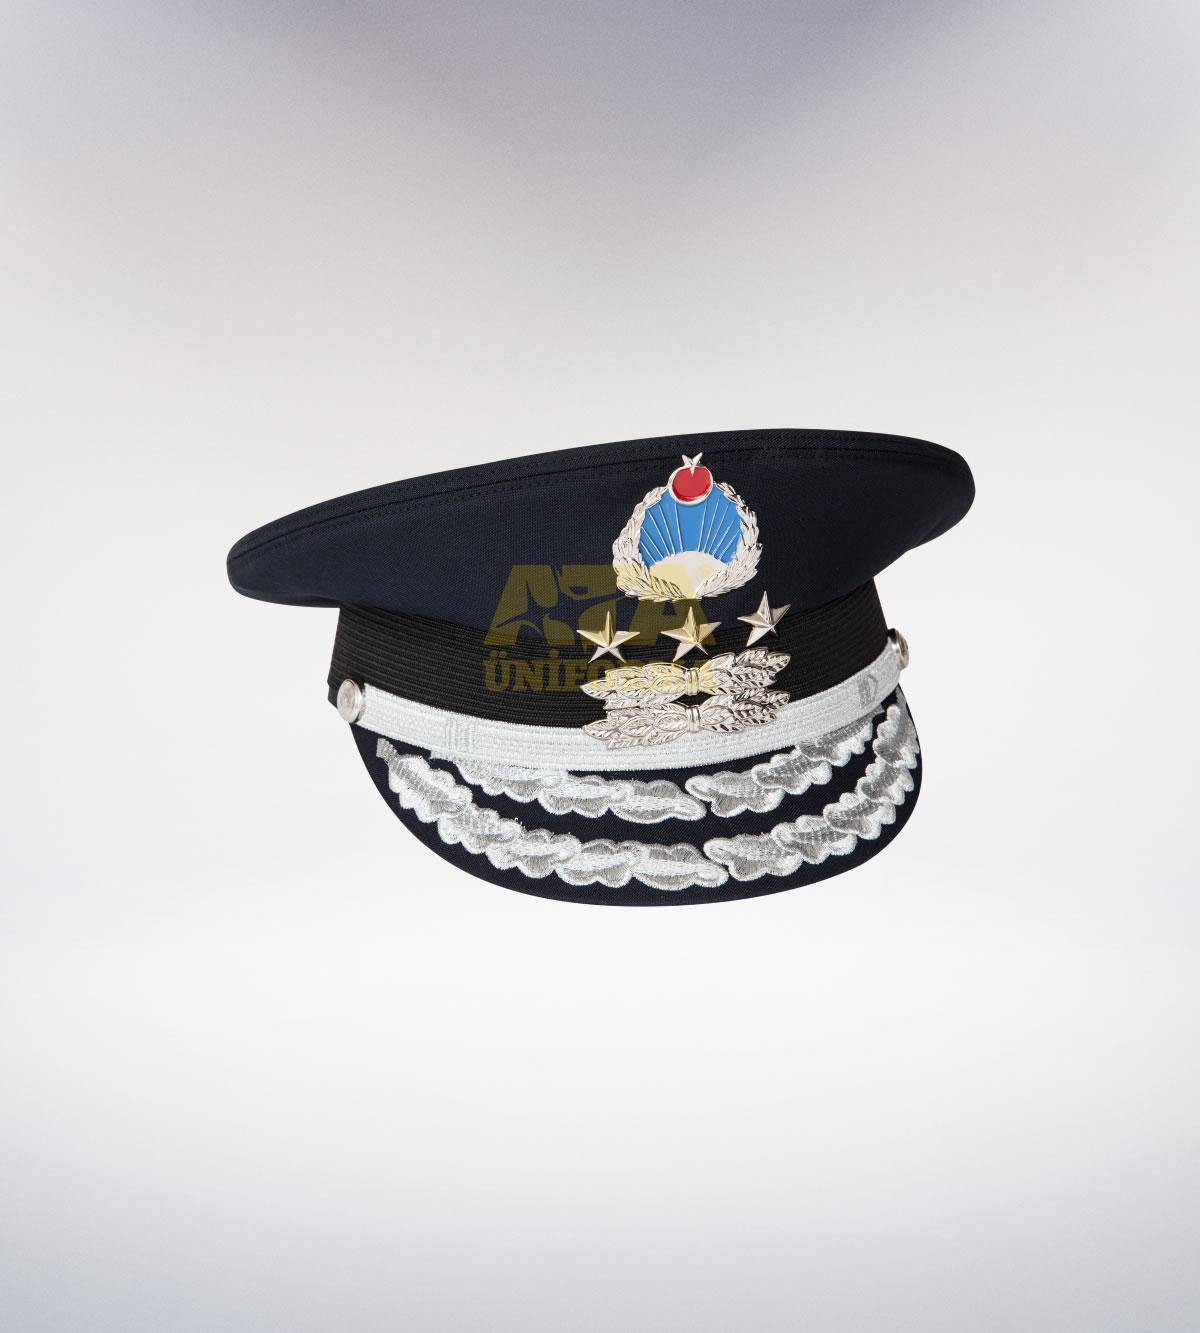 ATA-1096 Zabıta memur tören şapka - zabıta elbiseleri | zabıta  üniformaları | zabıta kıyafetleri